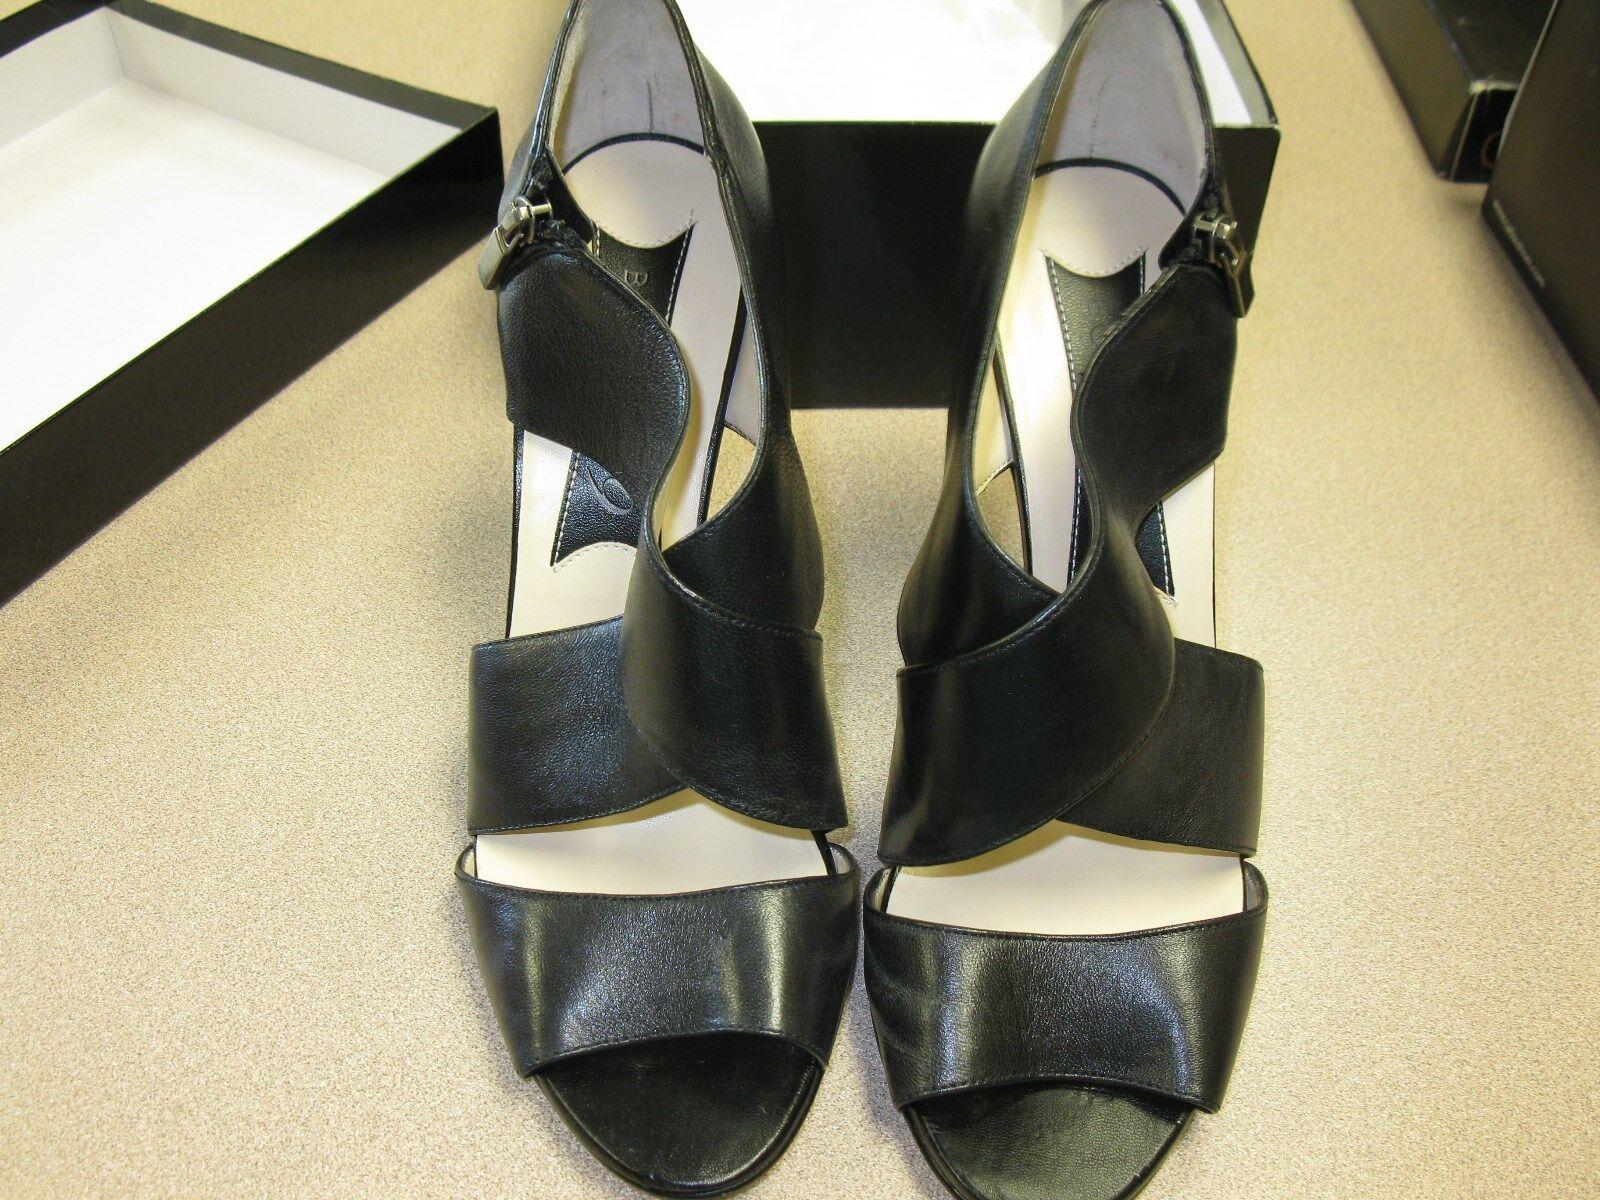 Boutique 9 Wouomo Thomsina Dress Sandals nero Leather Dimensione 10 M